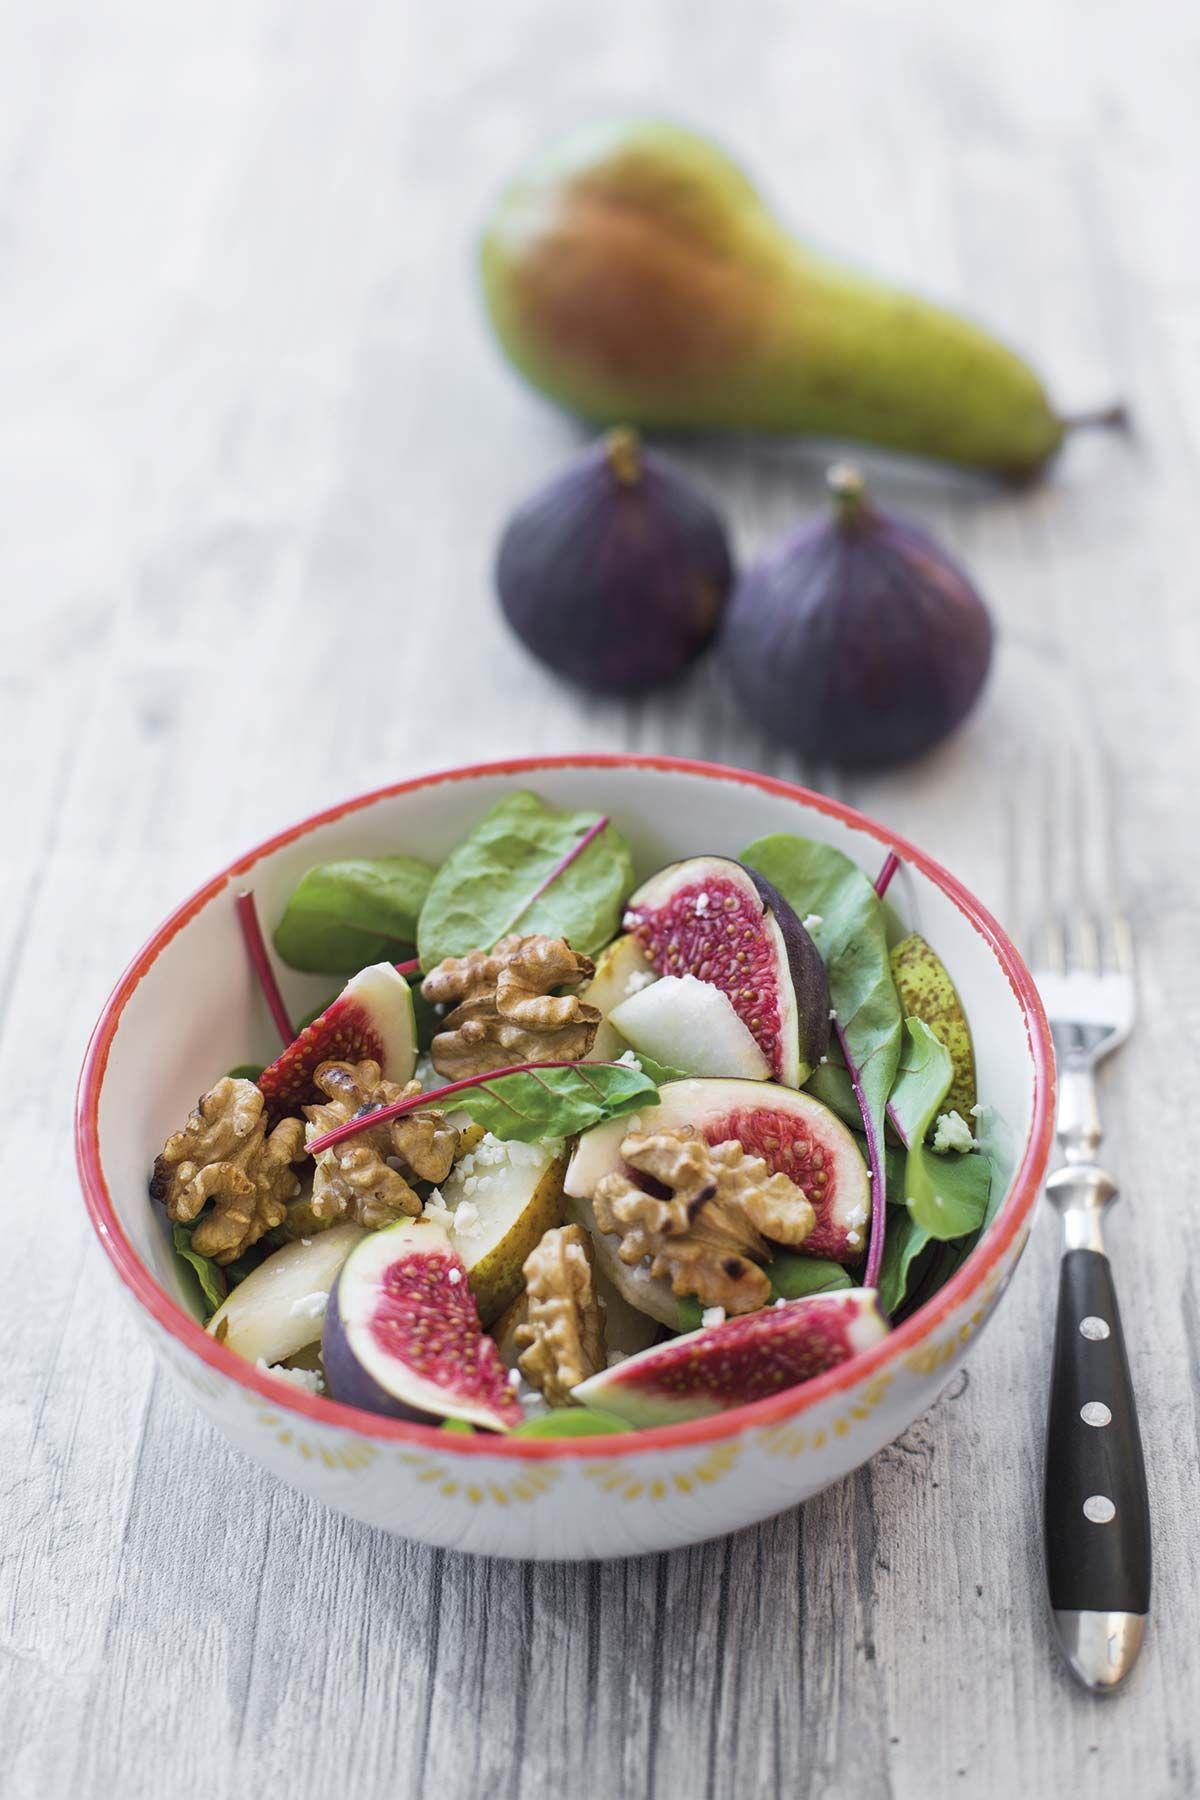 Ensaladas con fruta: Ensalada de acelgas, brevas y peras